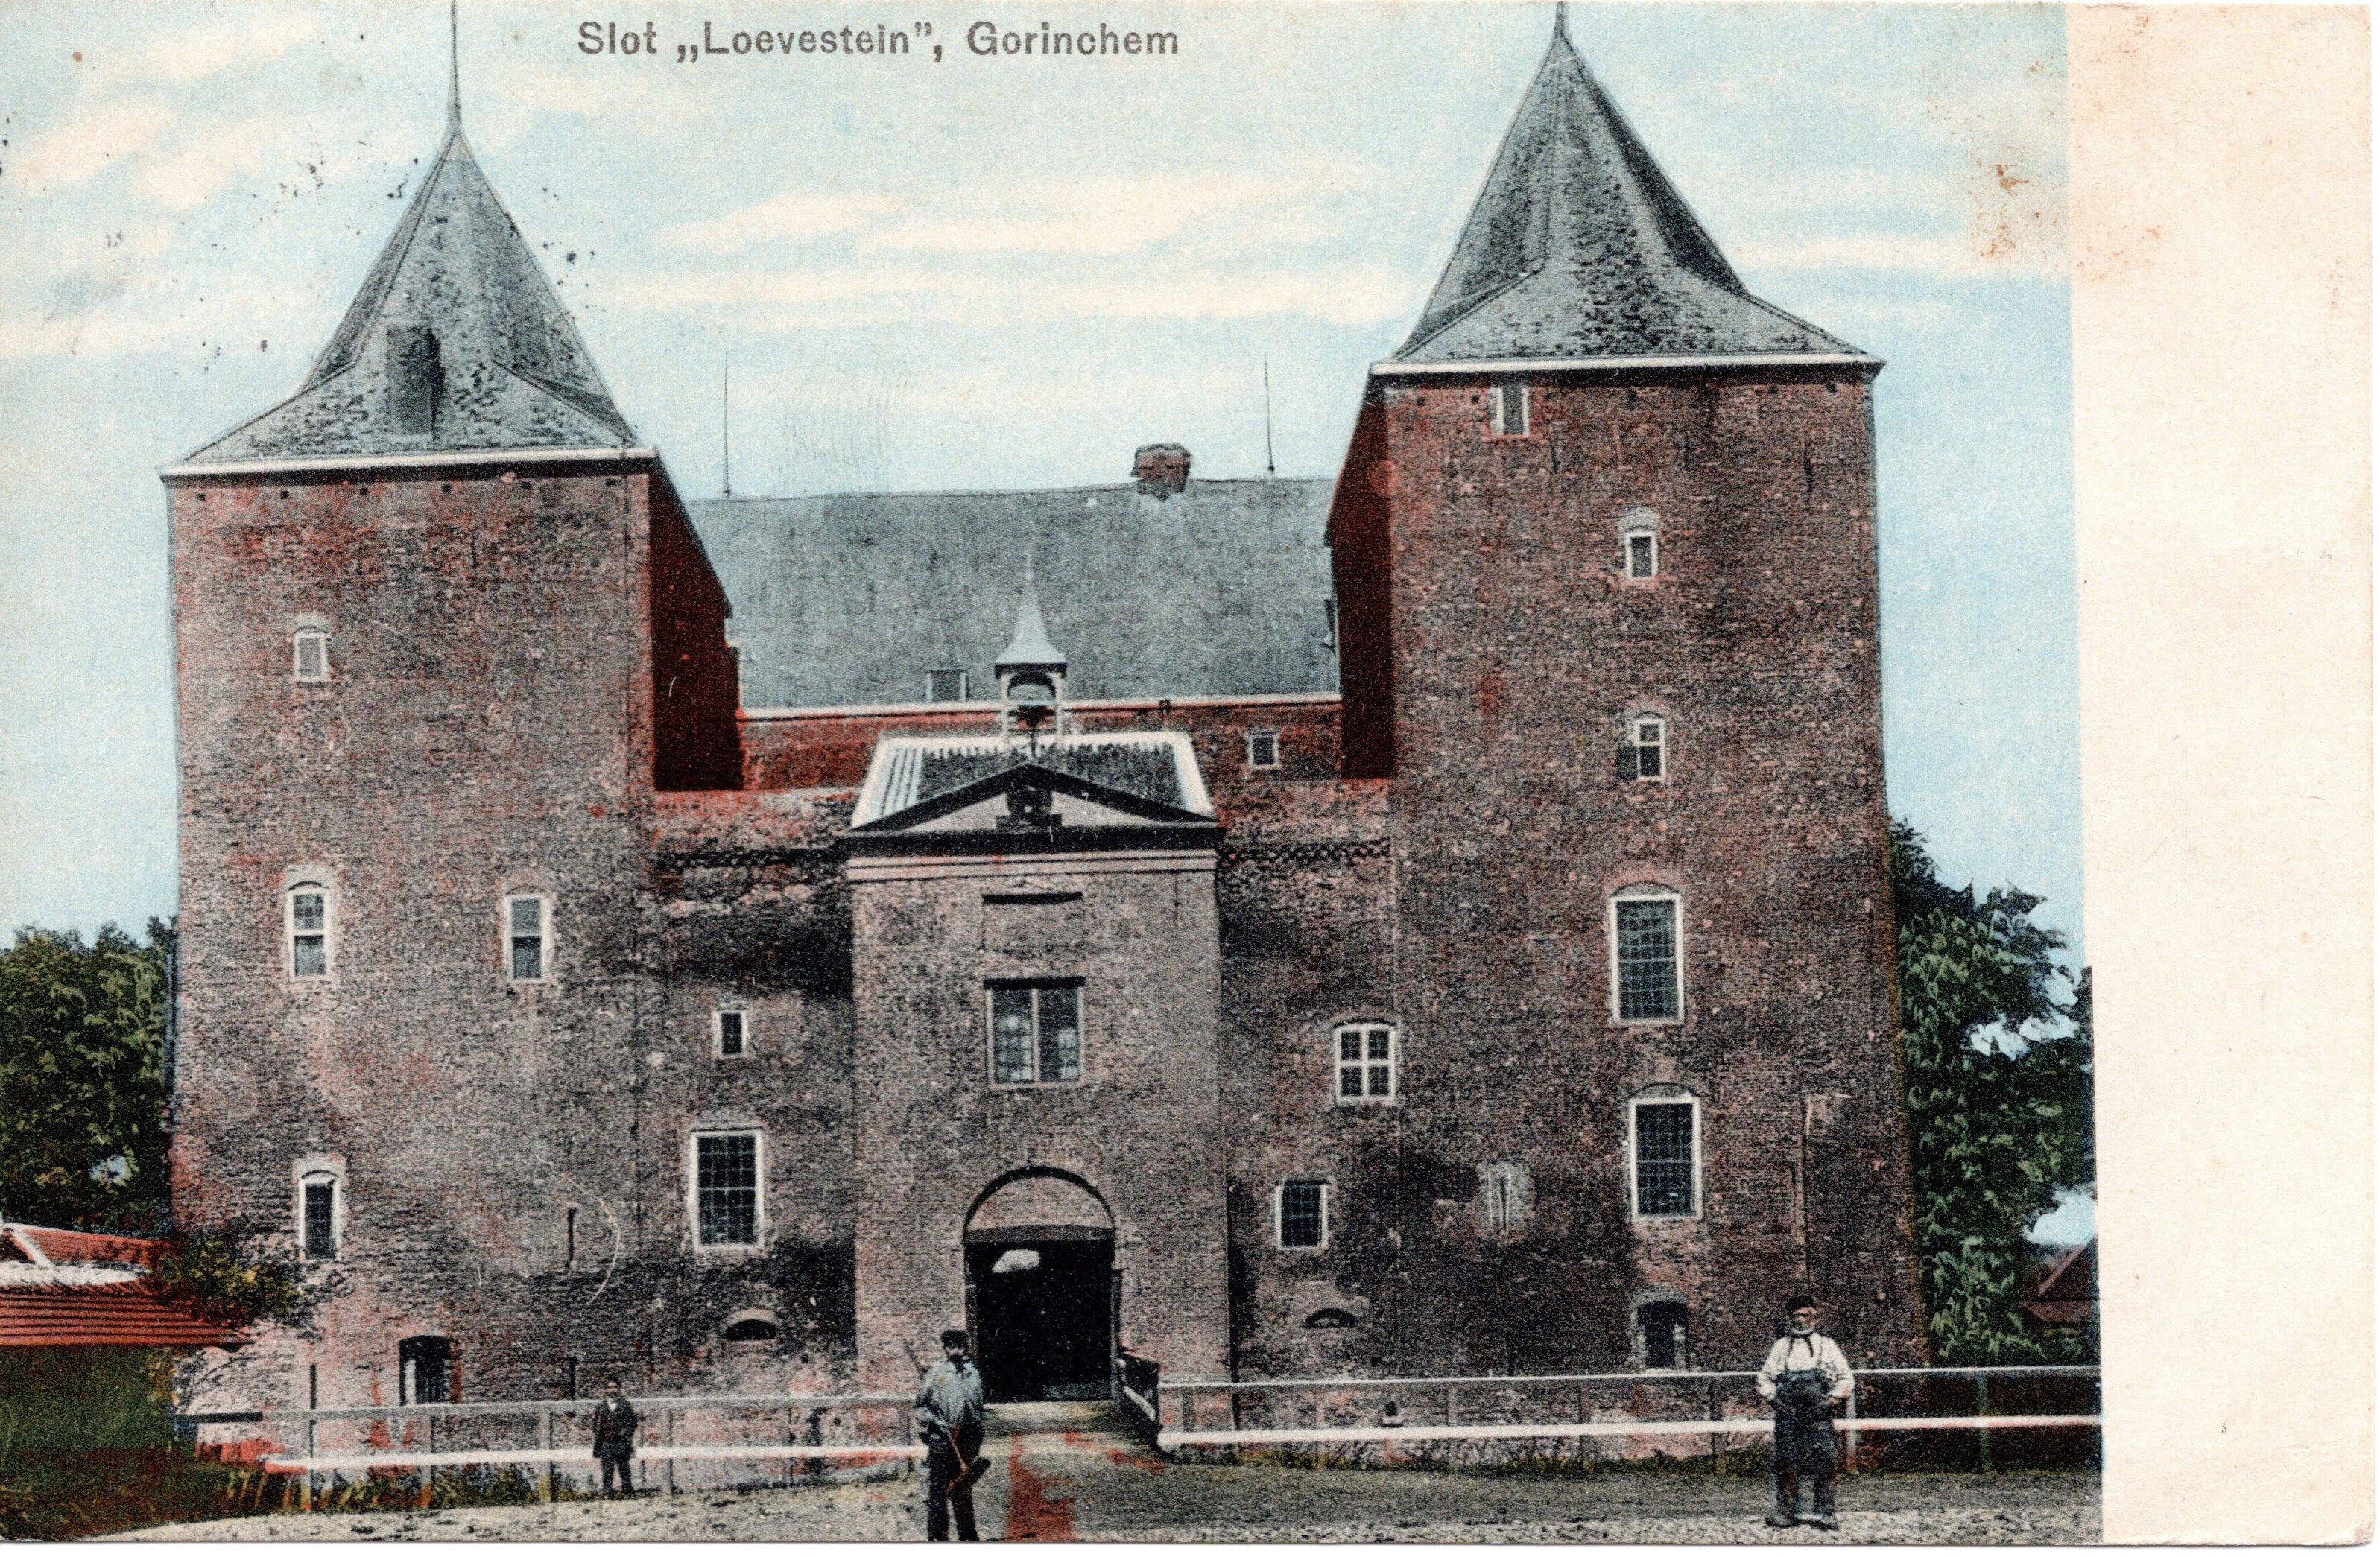 B43-Slot-Loevestein-Gorinchem-1929